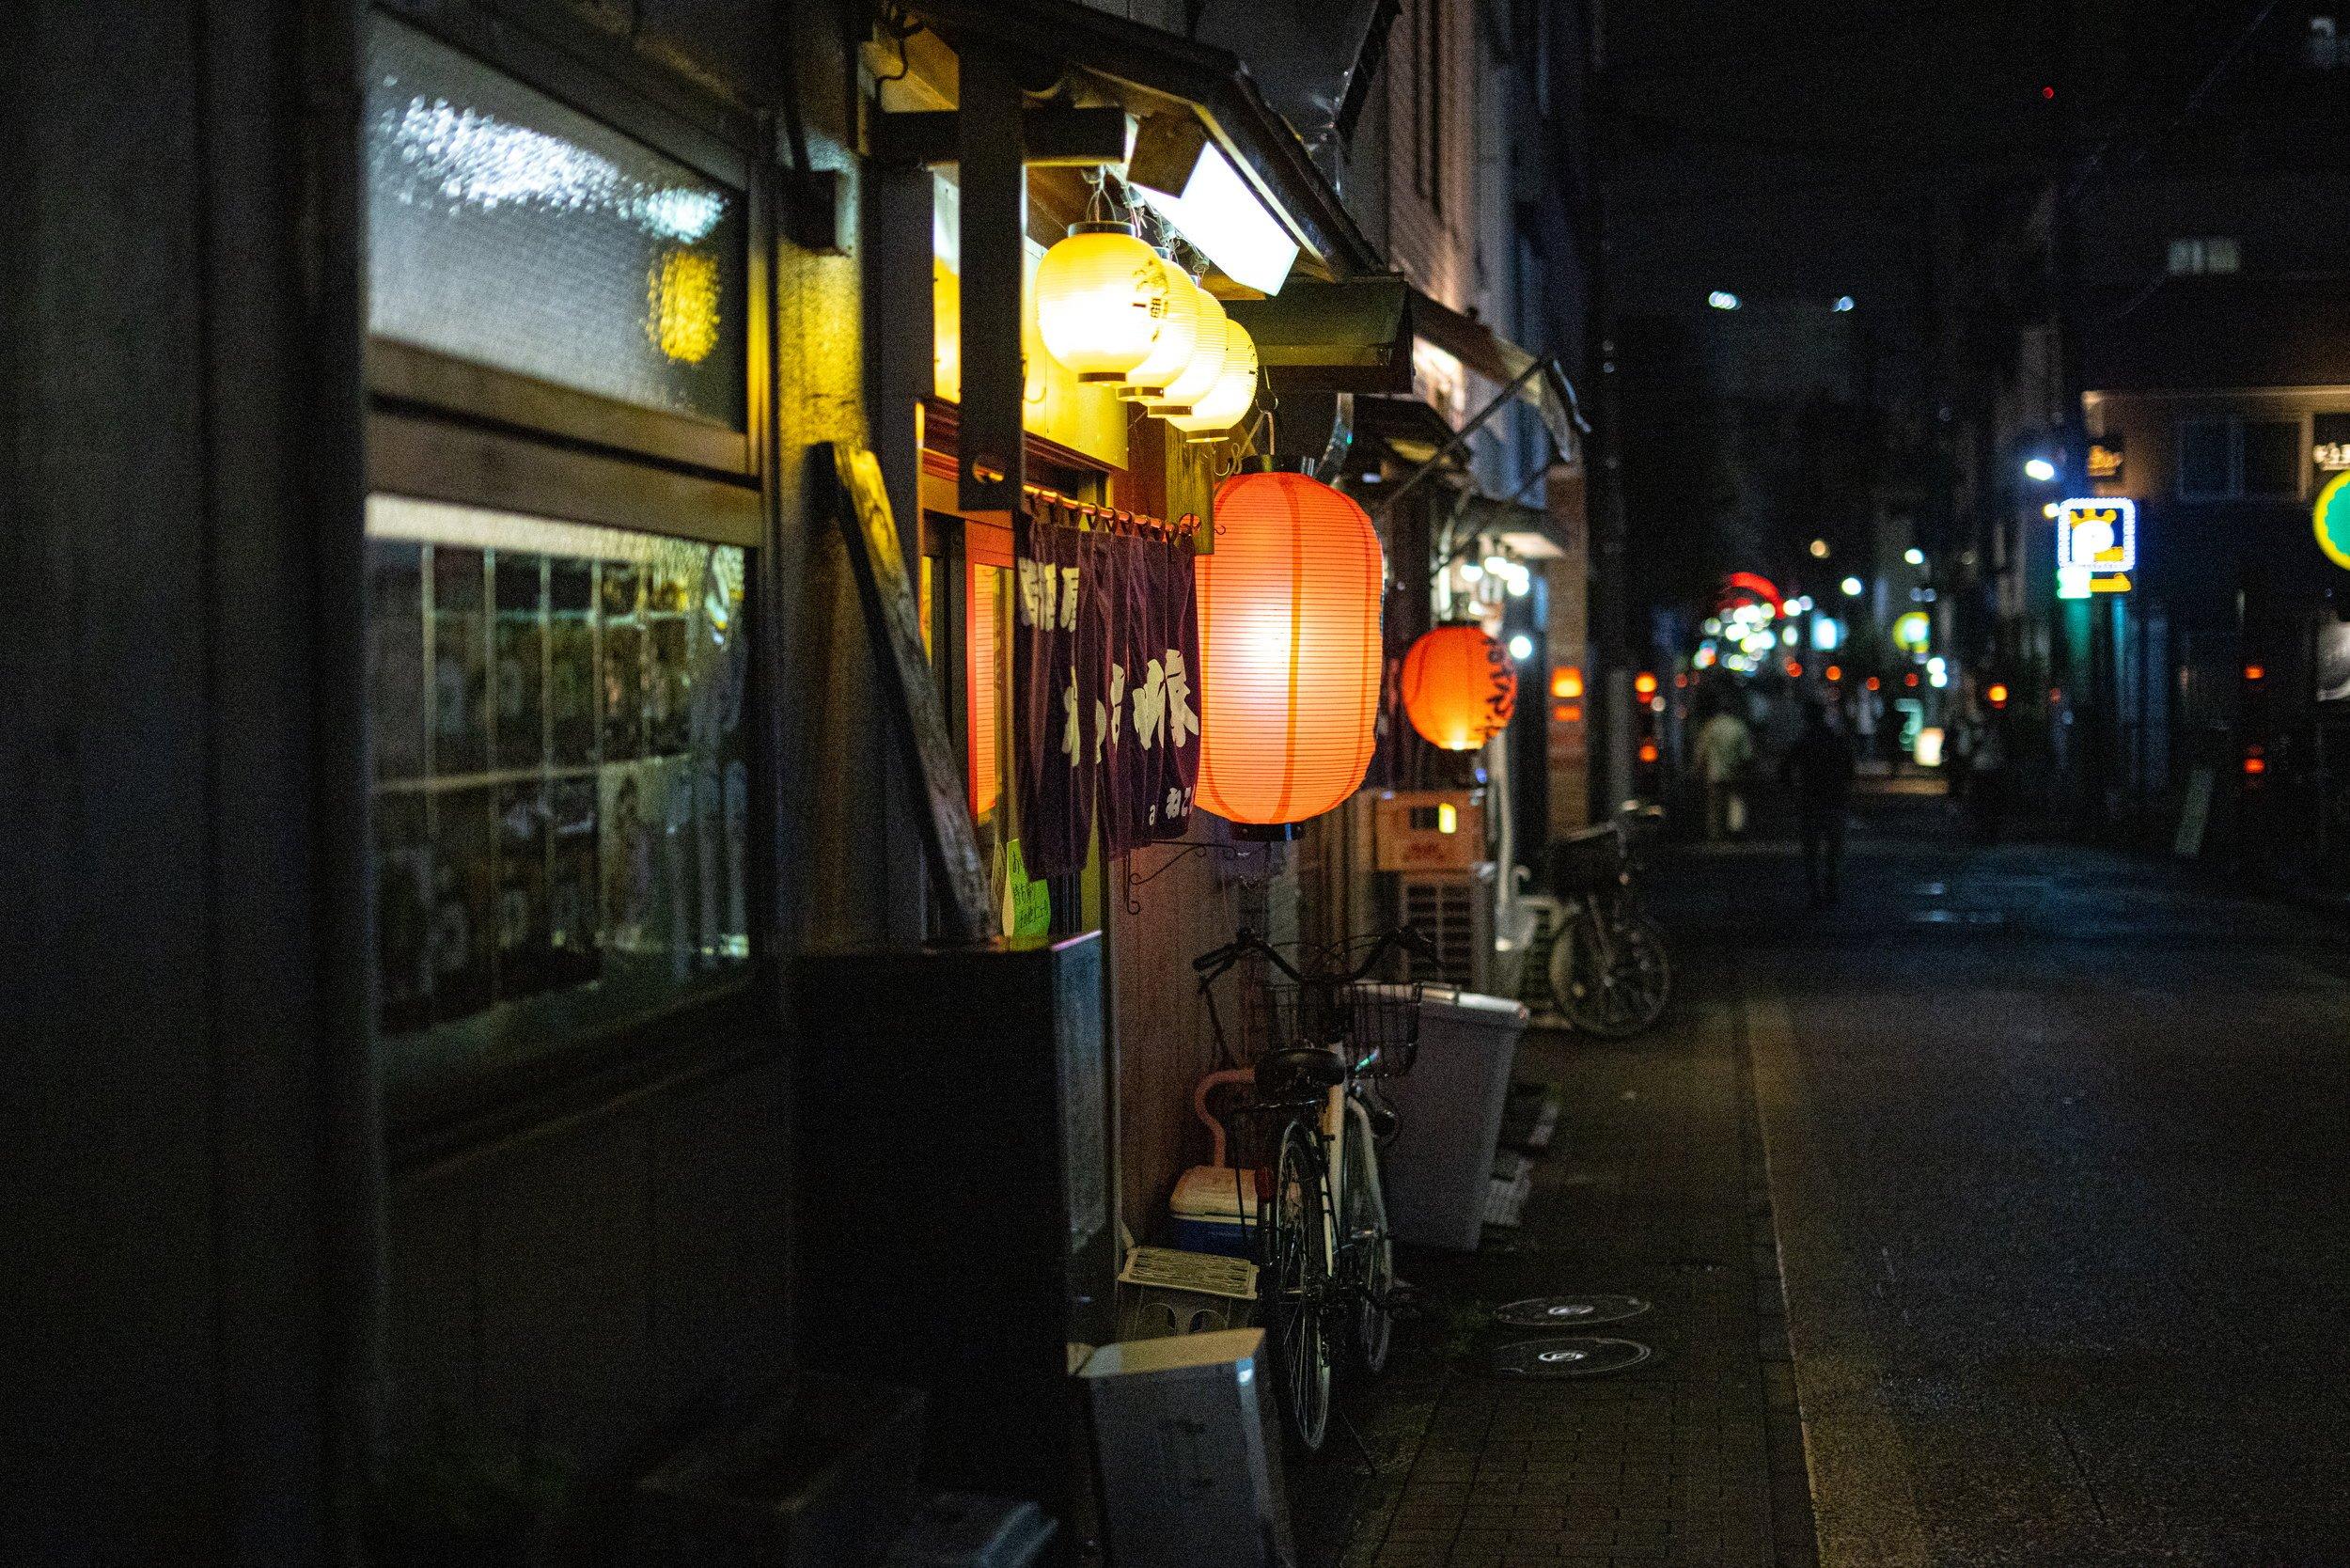 PAR548910799yokohama1500.jpg